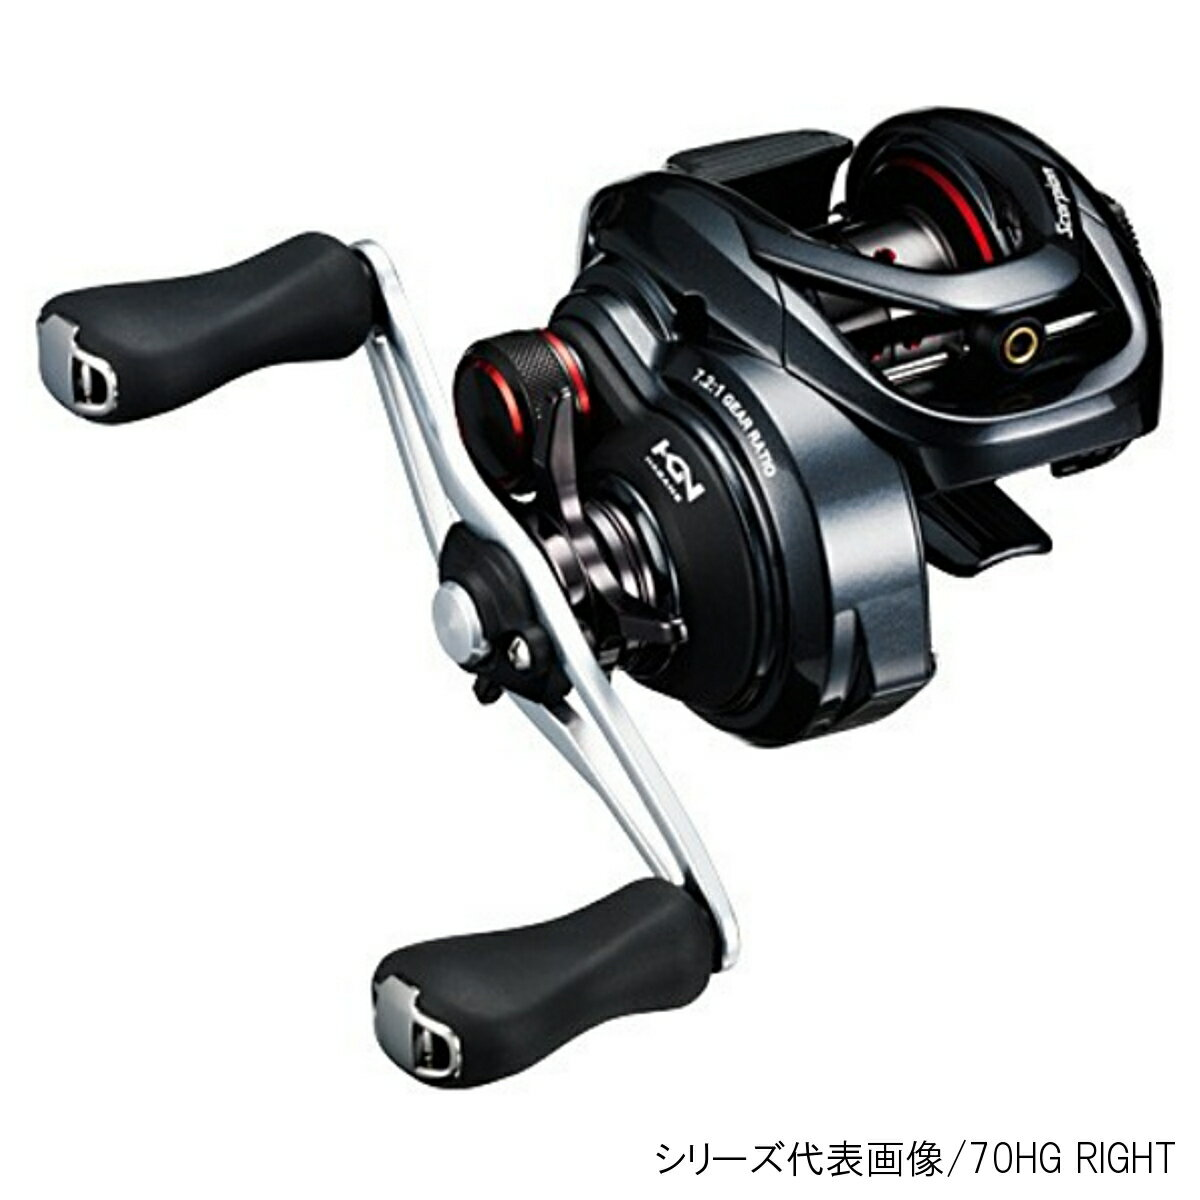 シマノ スコーピオン 70XG RIGHT(右)【送料無料】